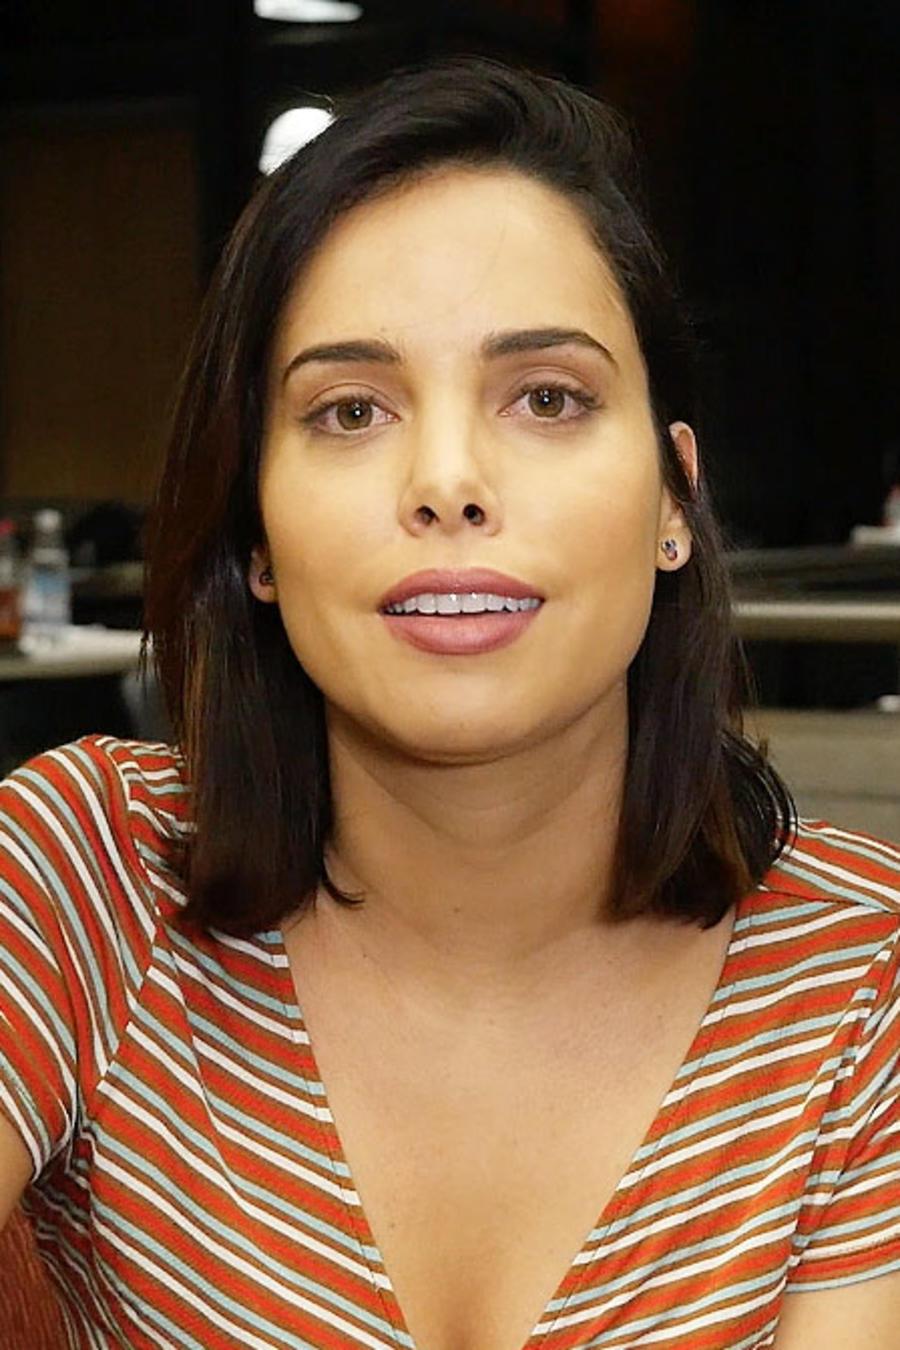 Vanessa Restrepo En Falsa Identidad